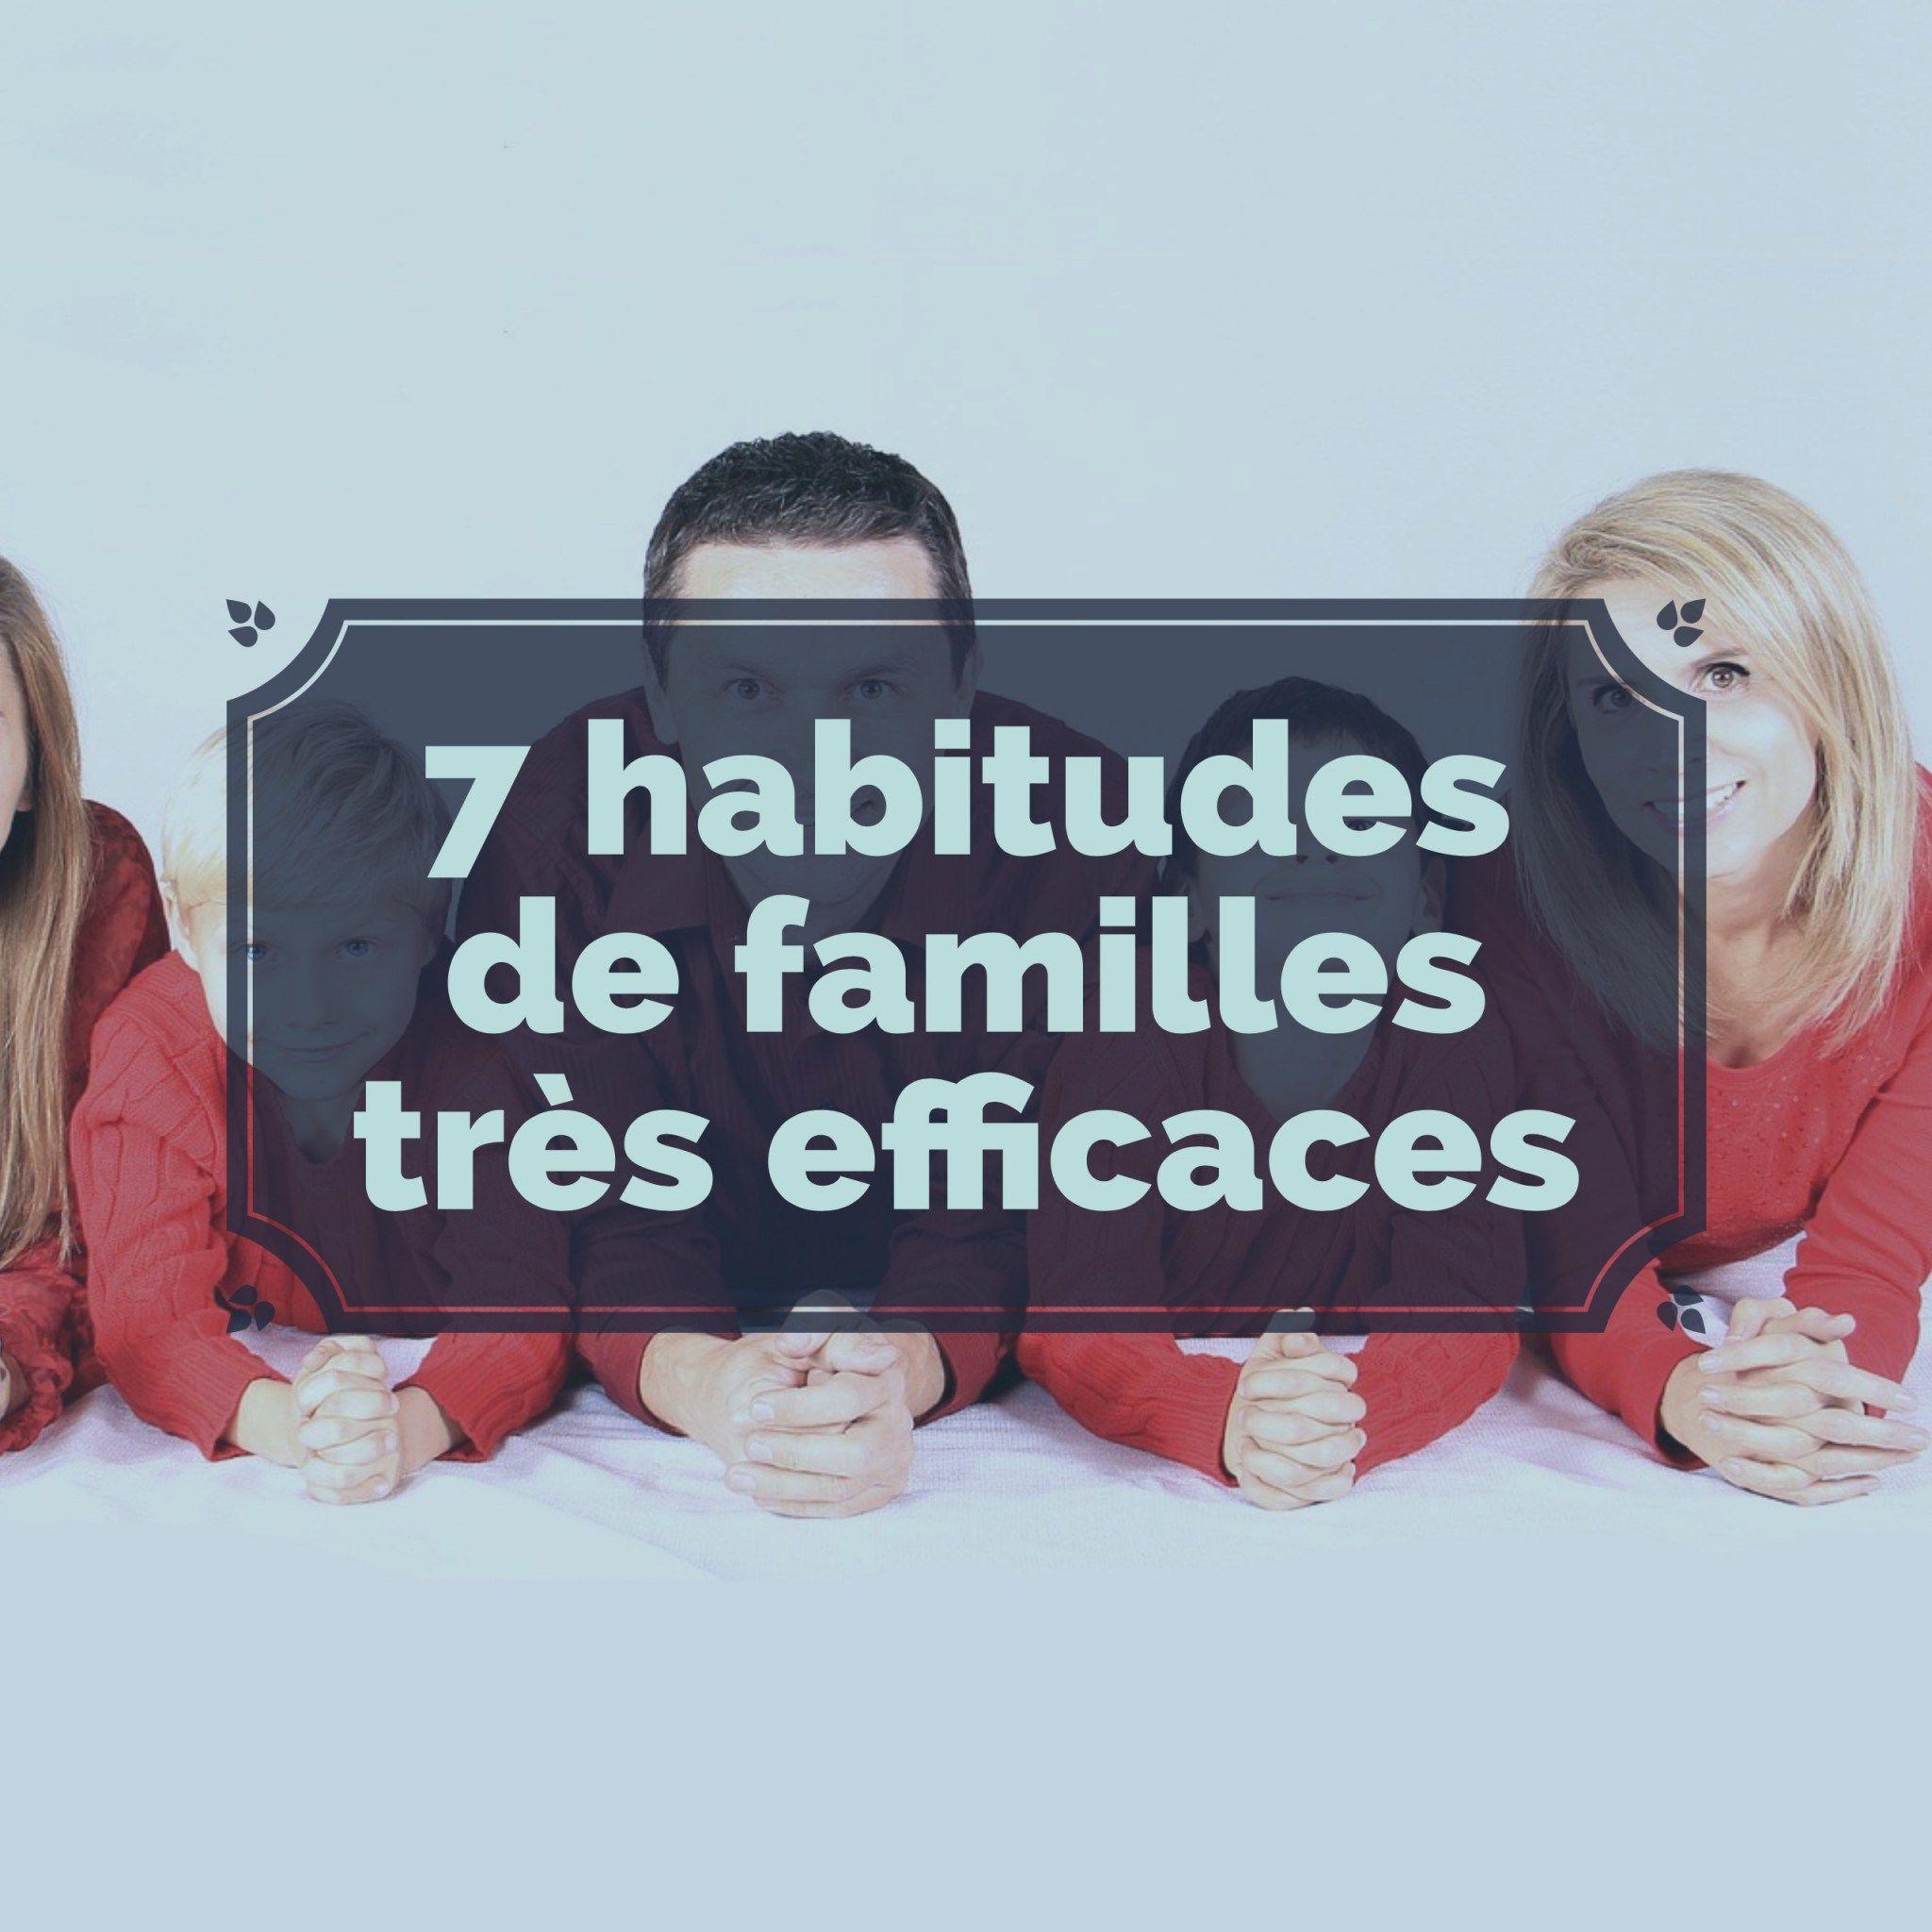 7 habitudes de familles tr s efficaces enfants ducation pinterest familles ducation. Black Bedroom Furniture Sets. Home Design Ideas